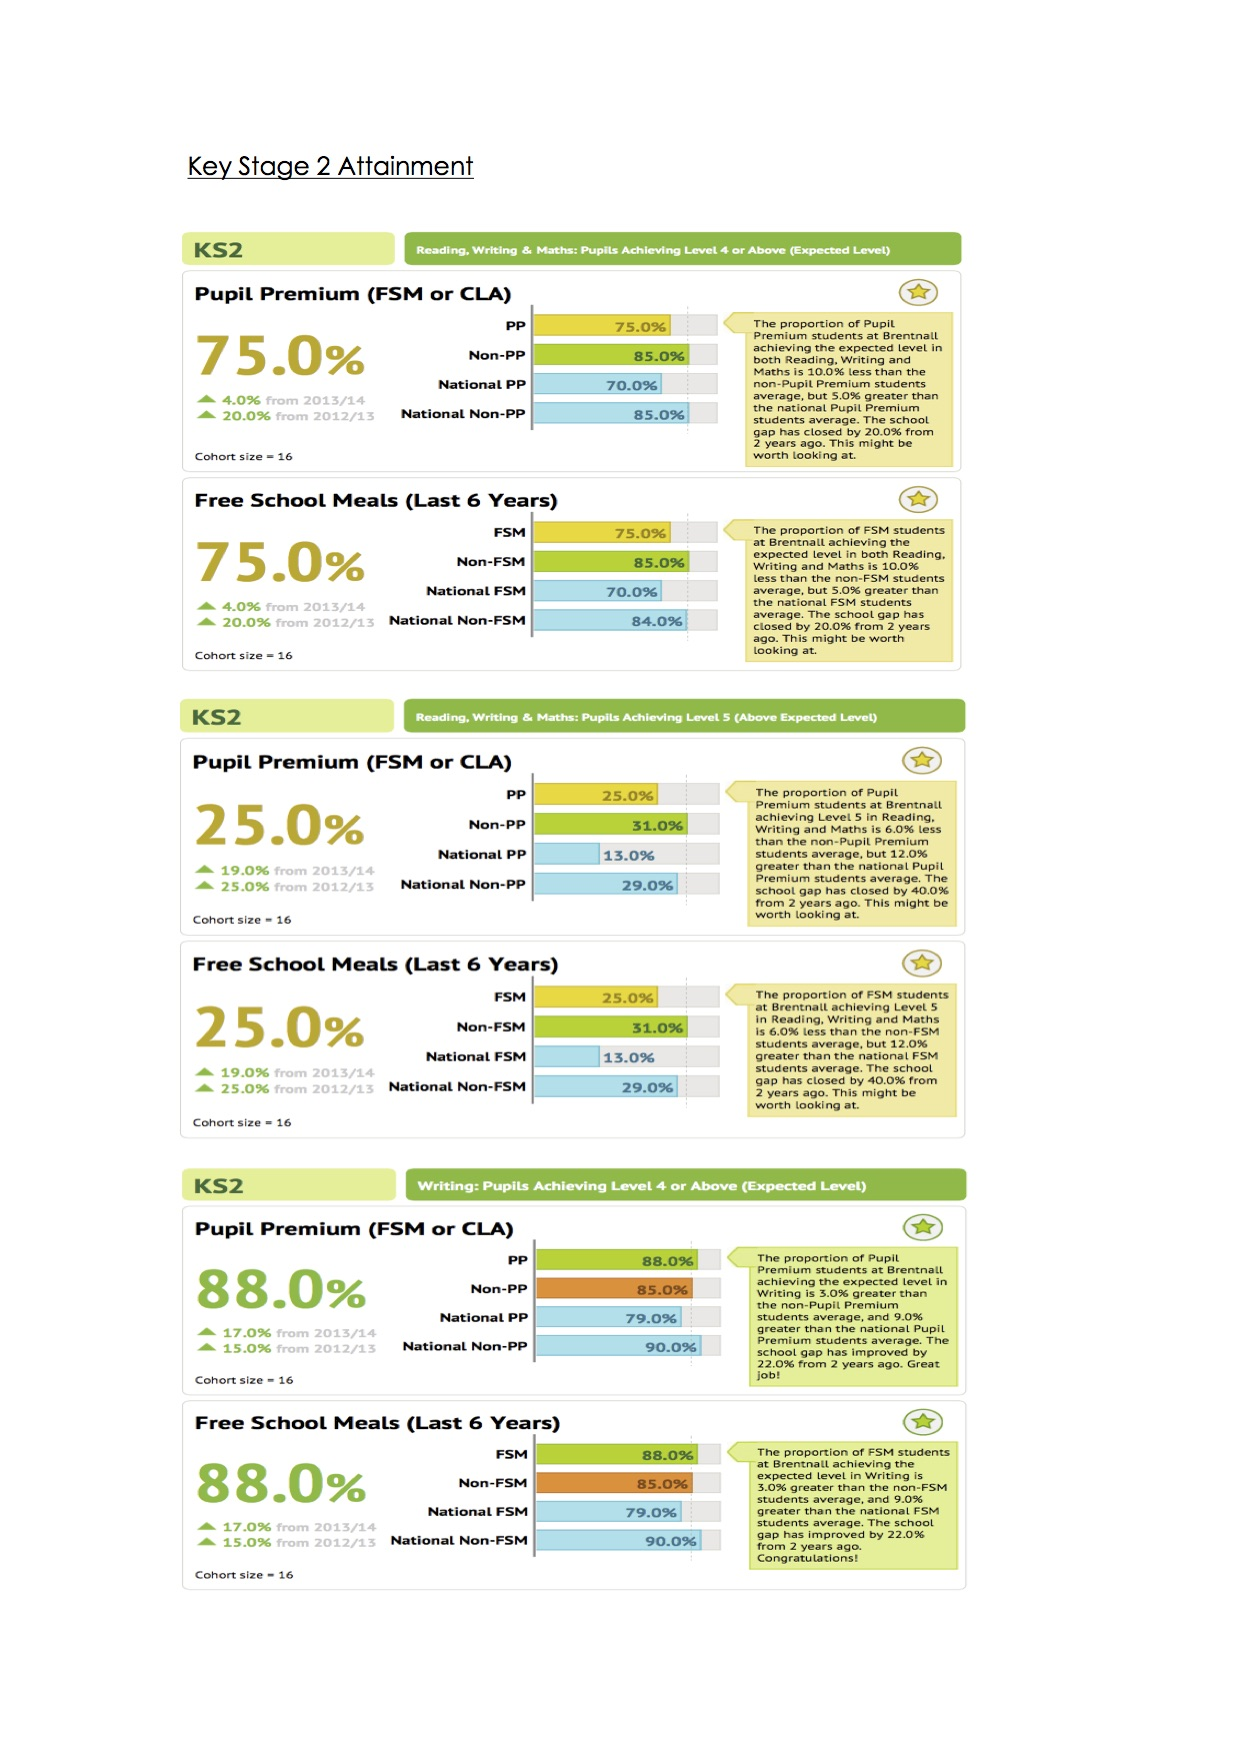 impact-of-our-pupil-premium-spend-2014-20151-ks2-attainment-part-1